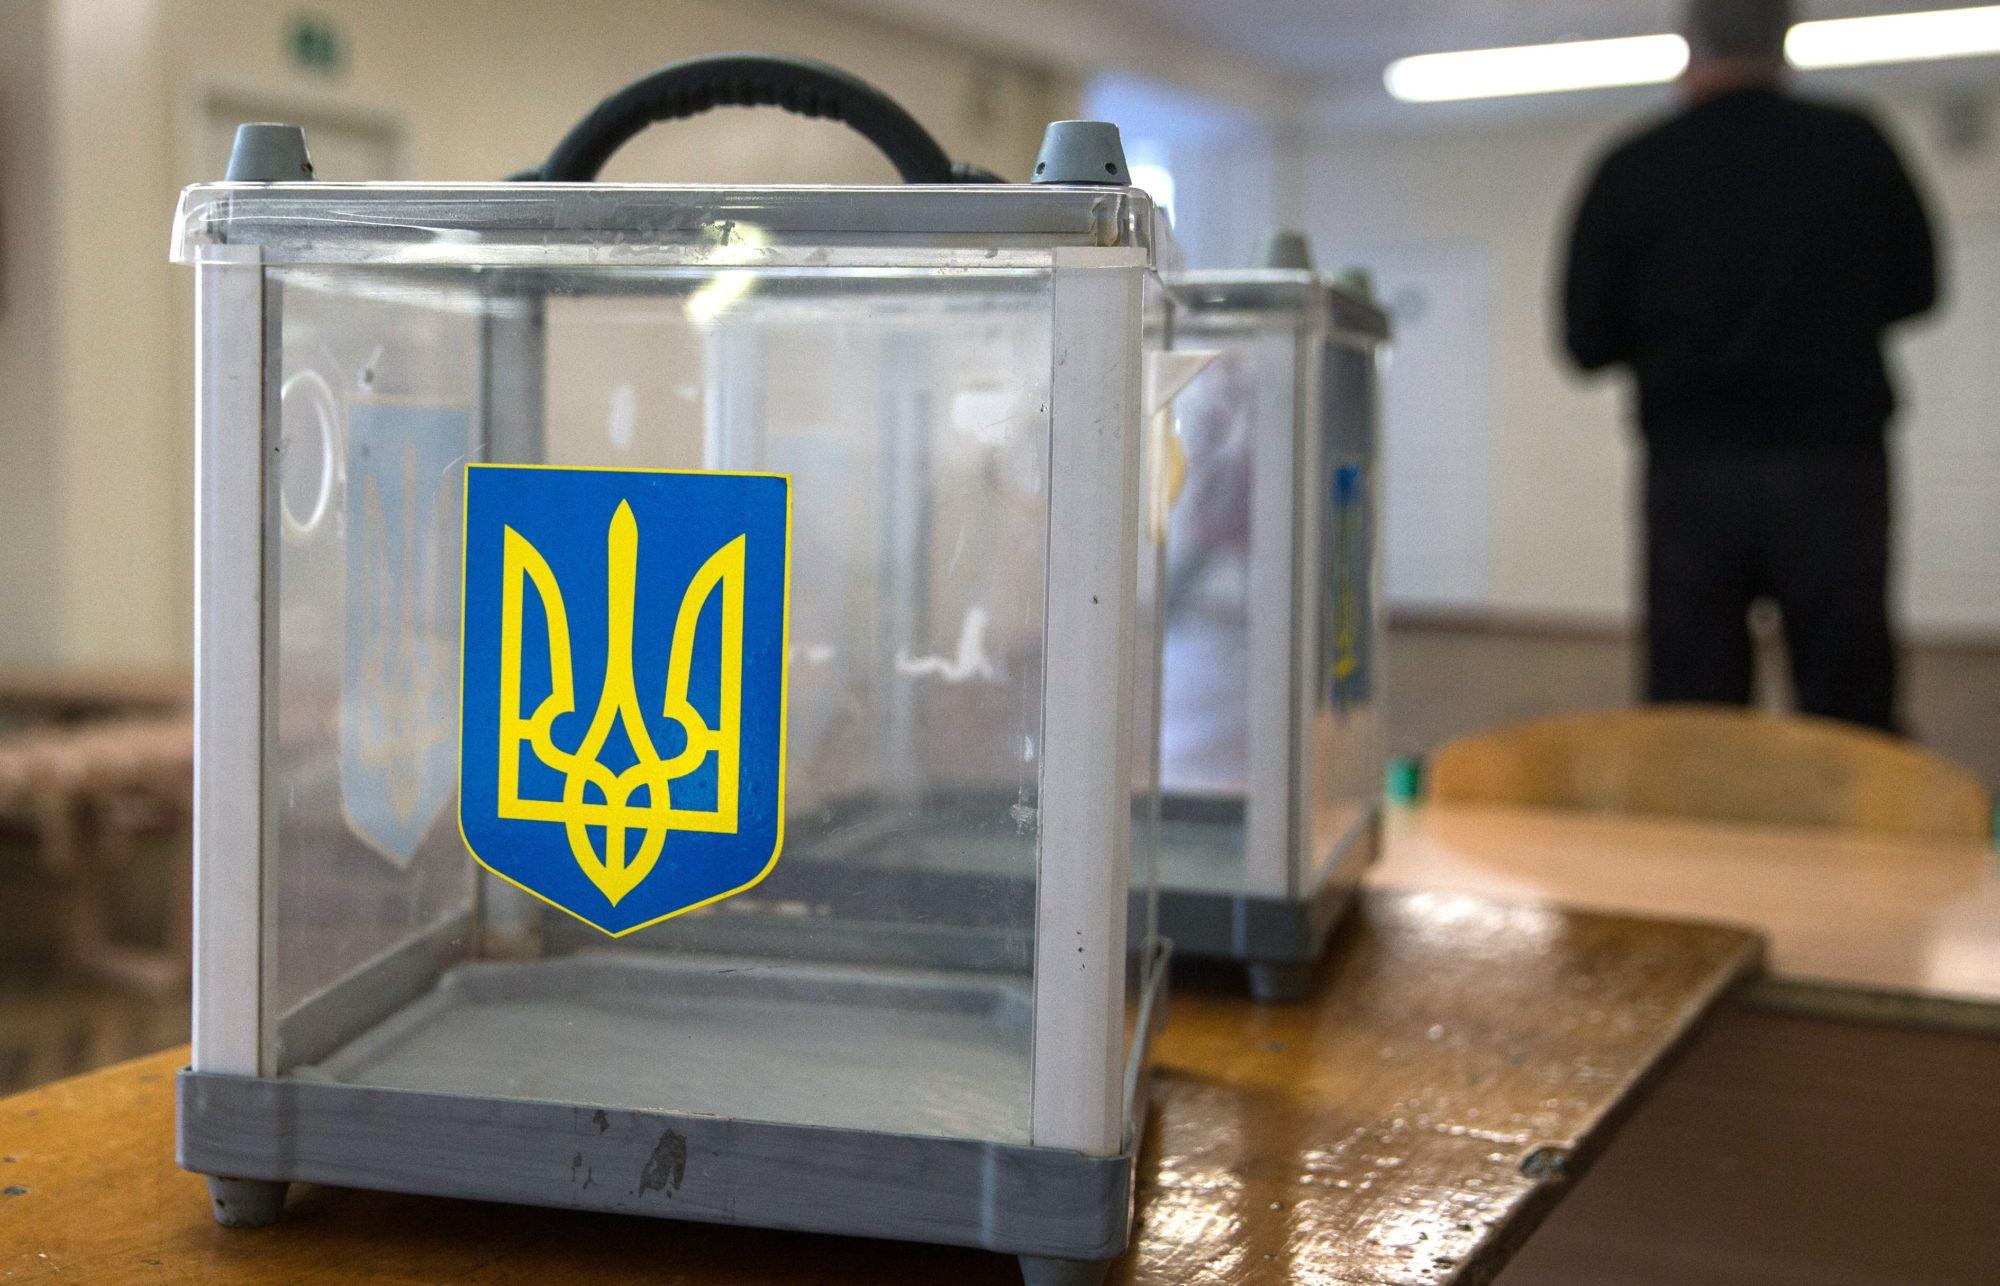 ЦВК не встигне роздрукувати бюлетені та підготувати виборчий процес, - голова комісії -  - 358698 2000x1286